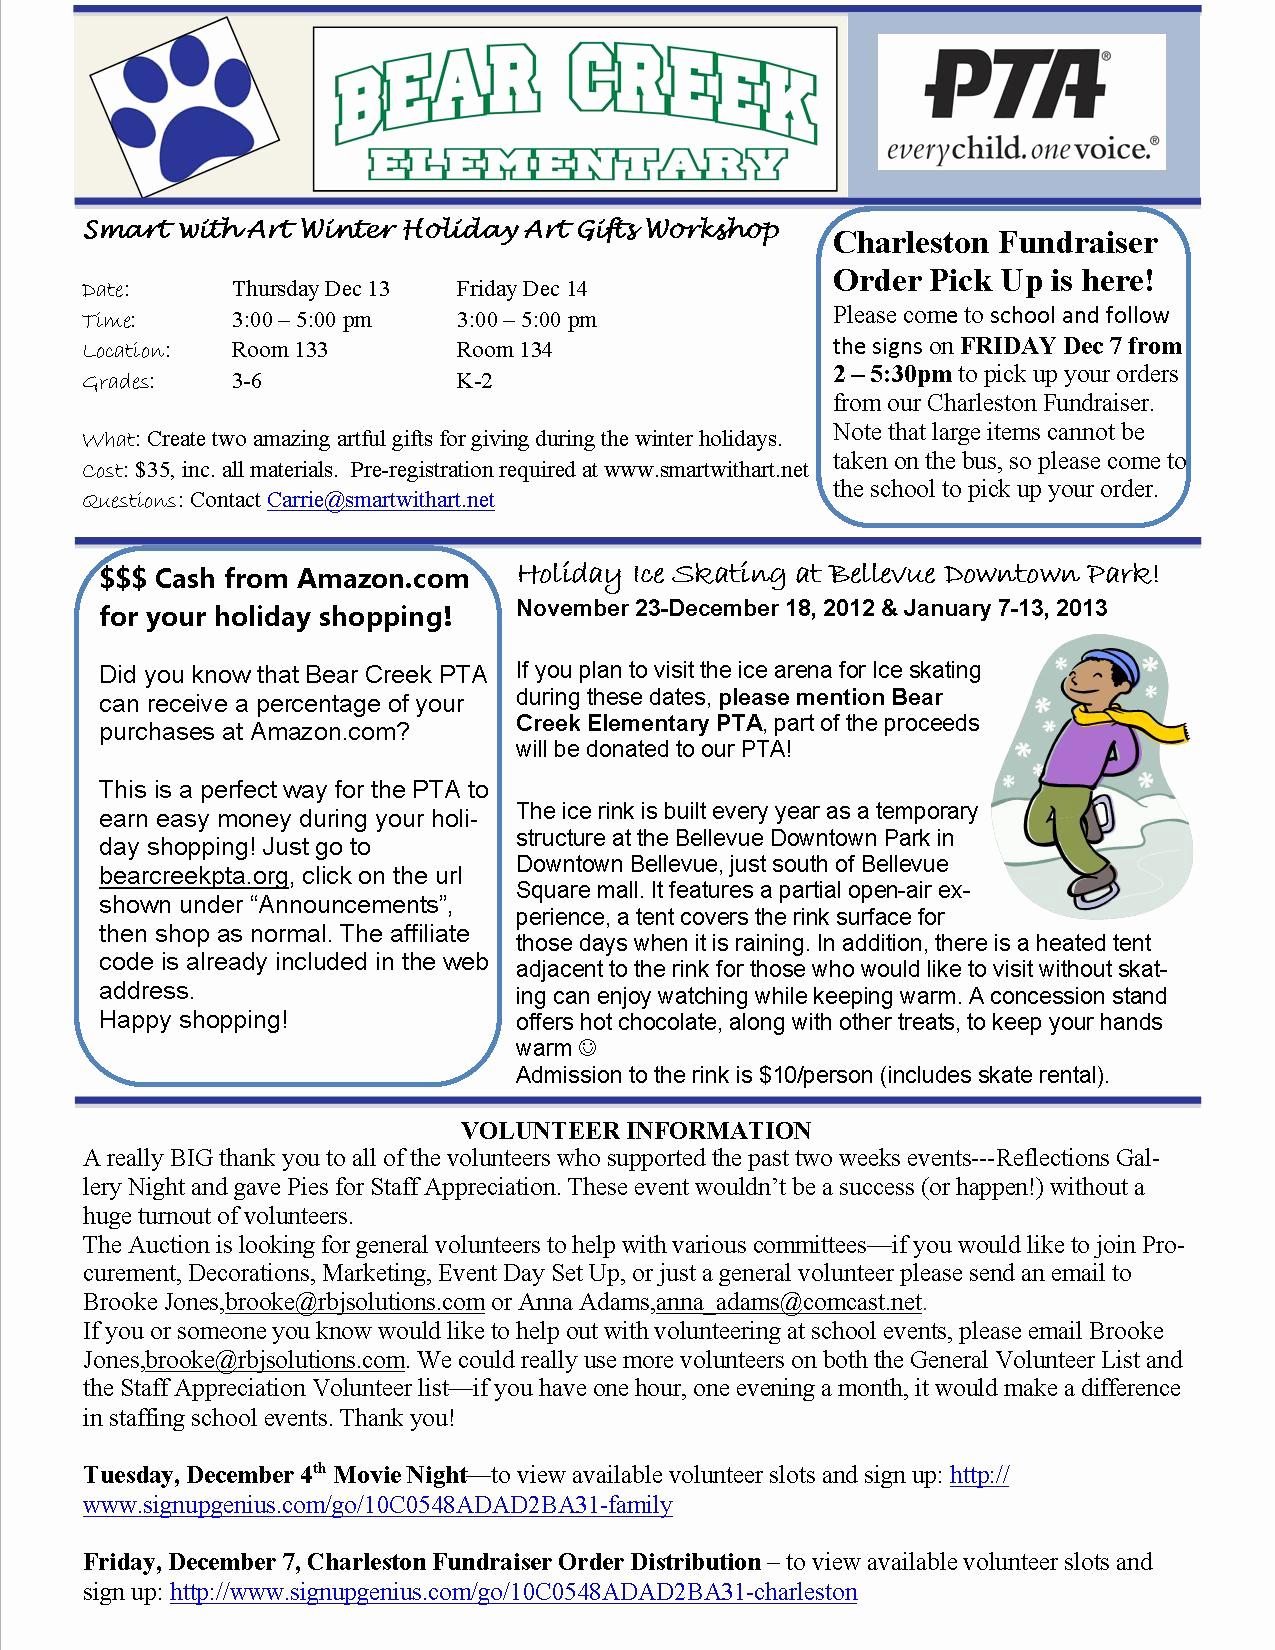 Elementary School Newsletter Template Elegant Pta Newsletter December 4